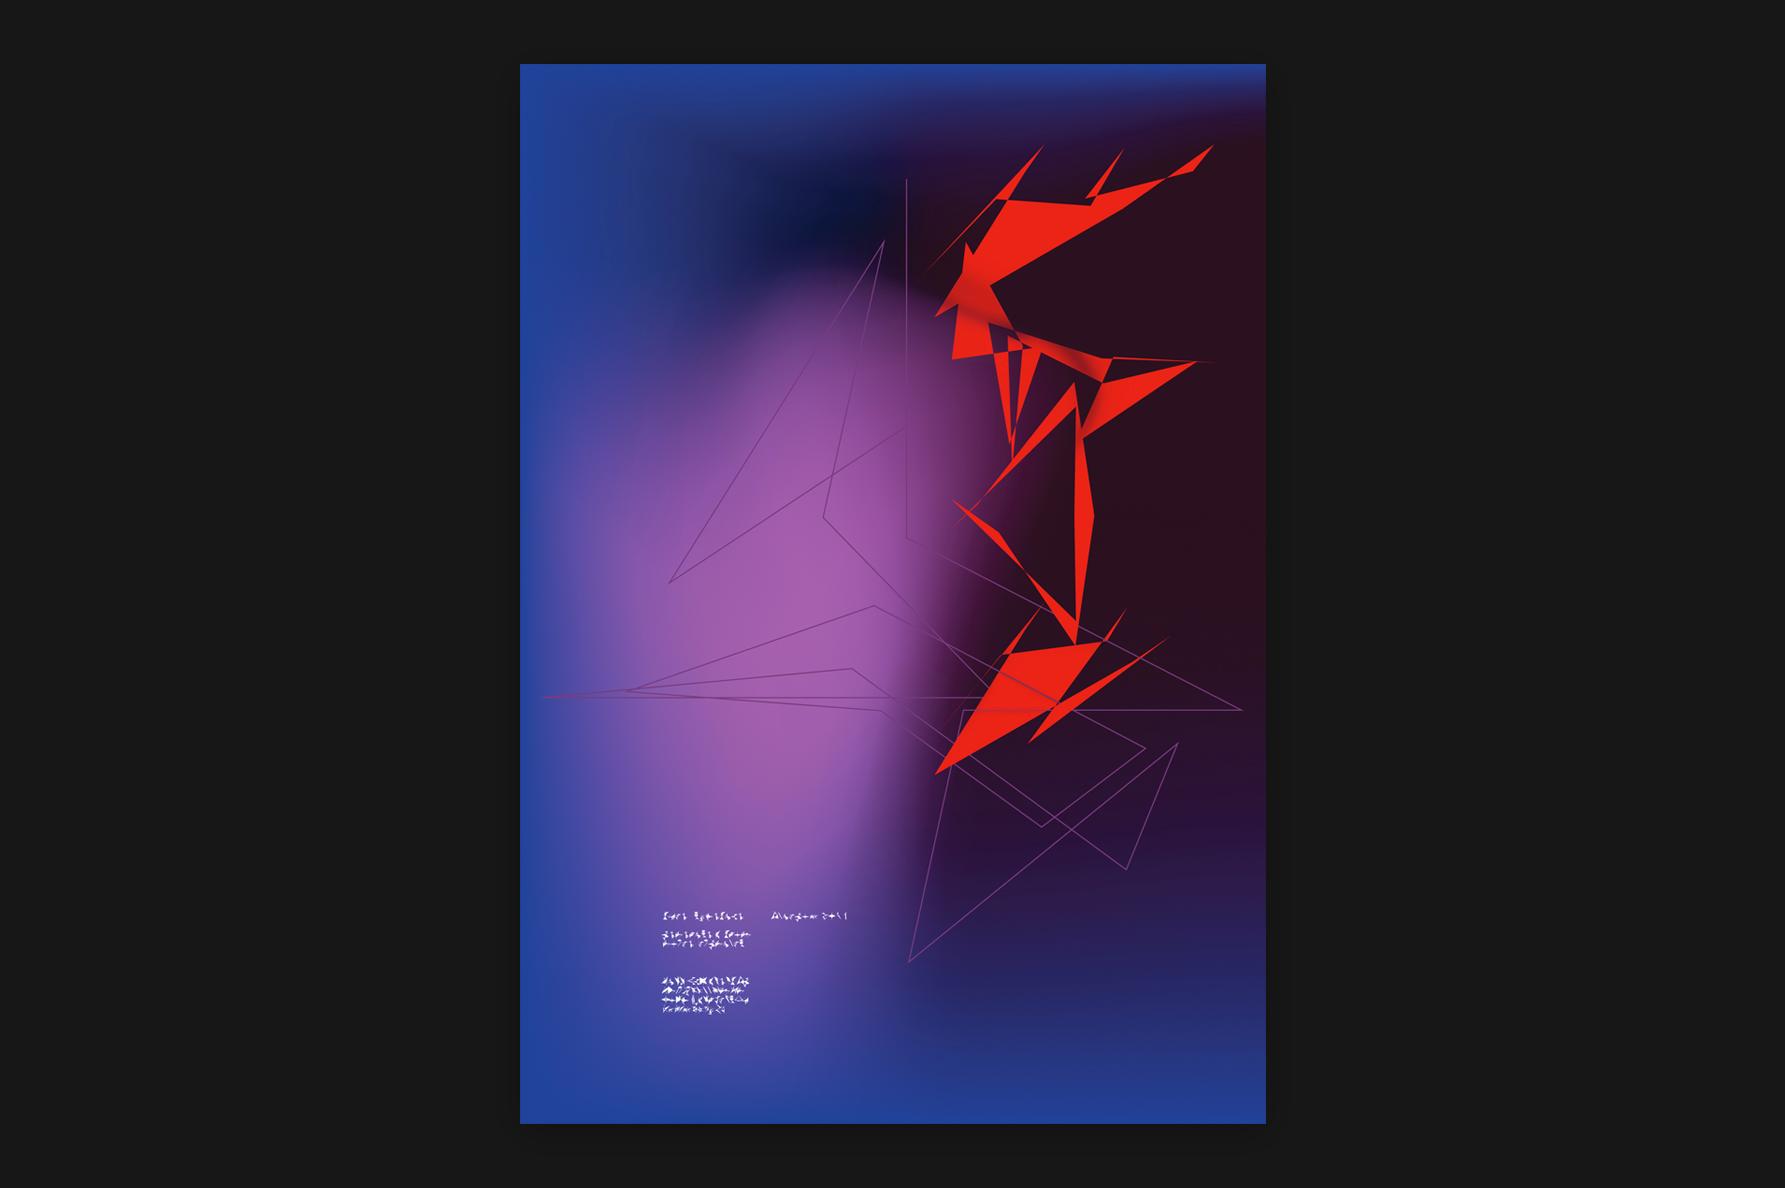 sito_fuse-poster1